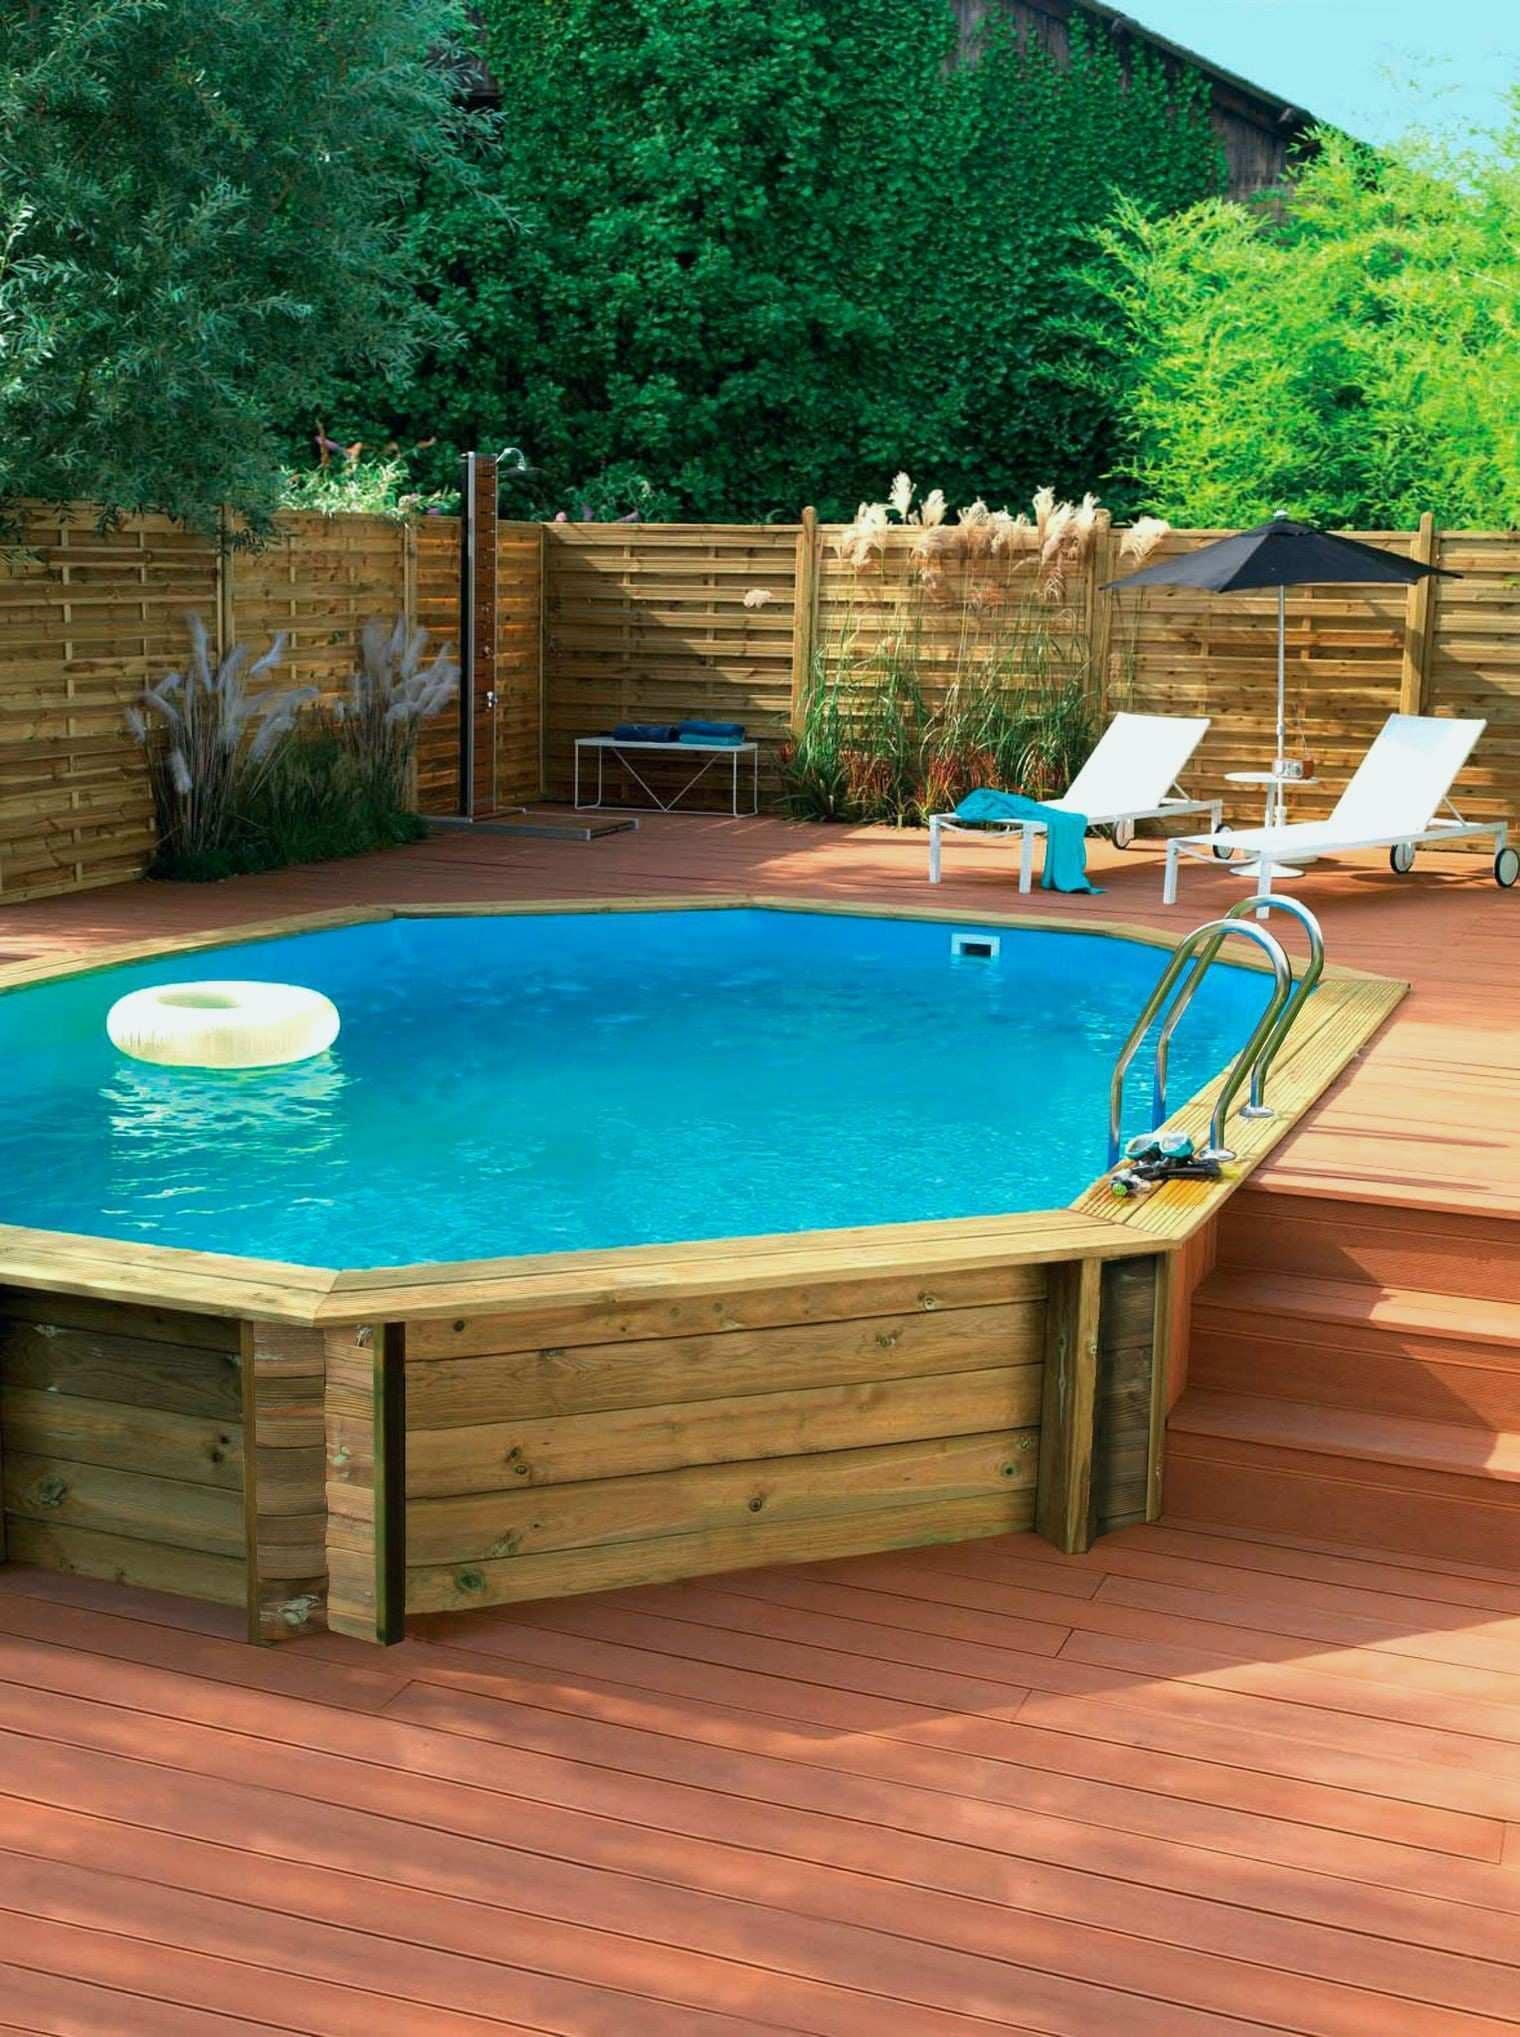 Piscine En Bois Petite Taille piscine béton aspect bois : avis et conseils pour bien la